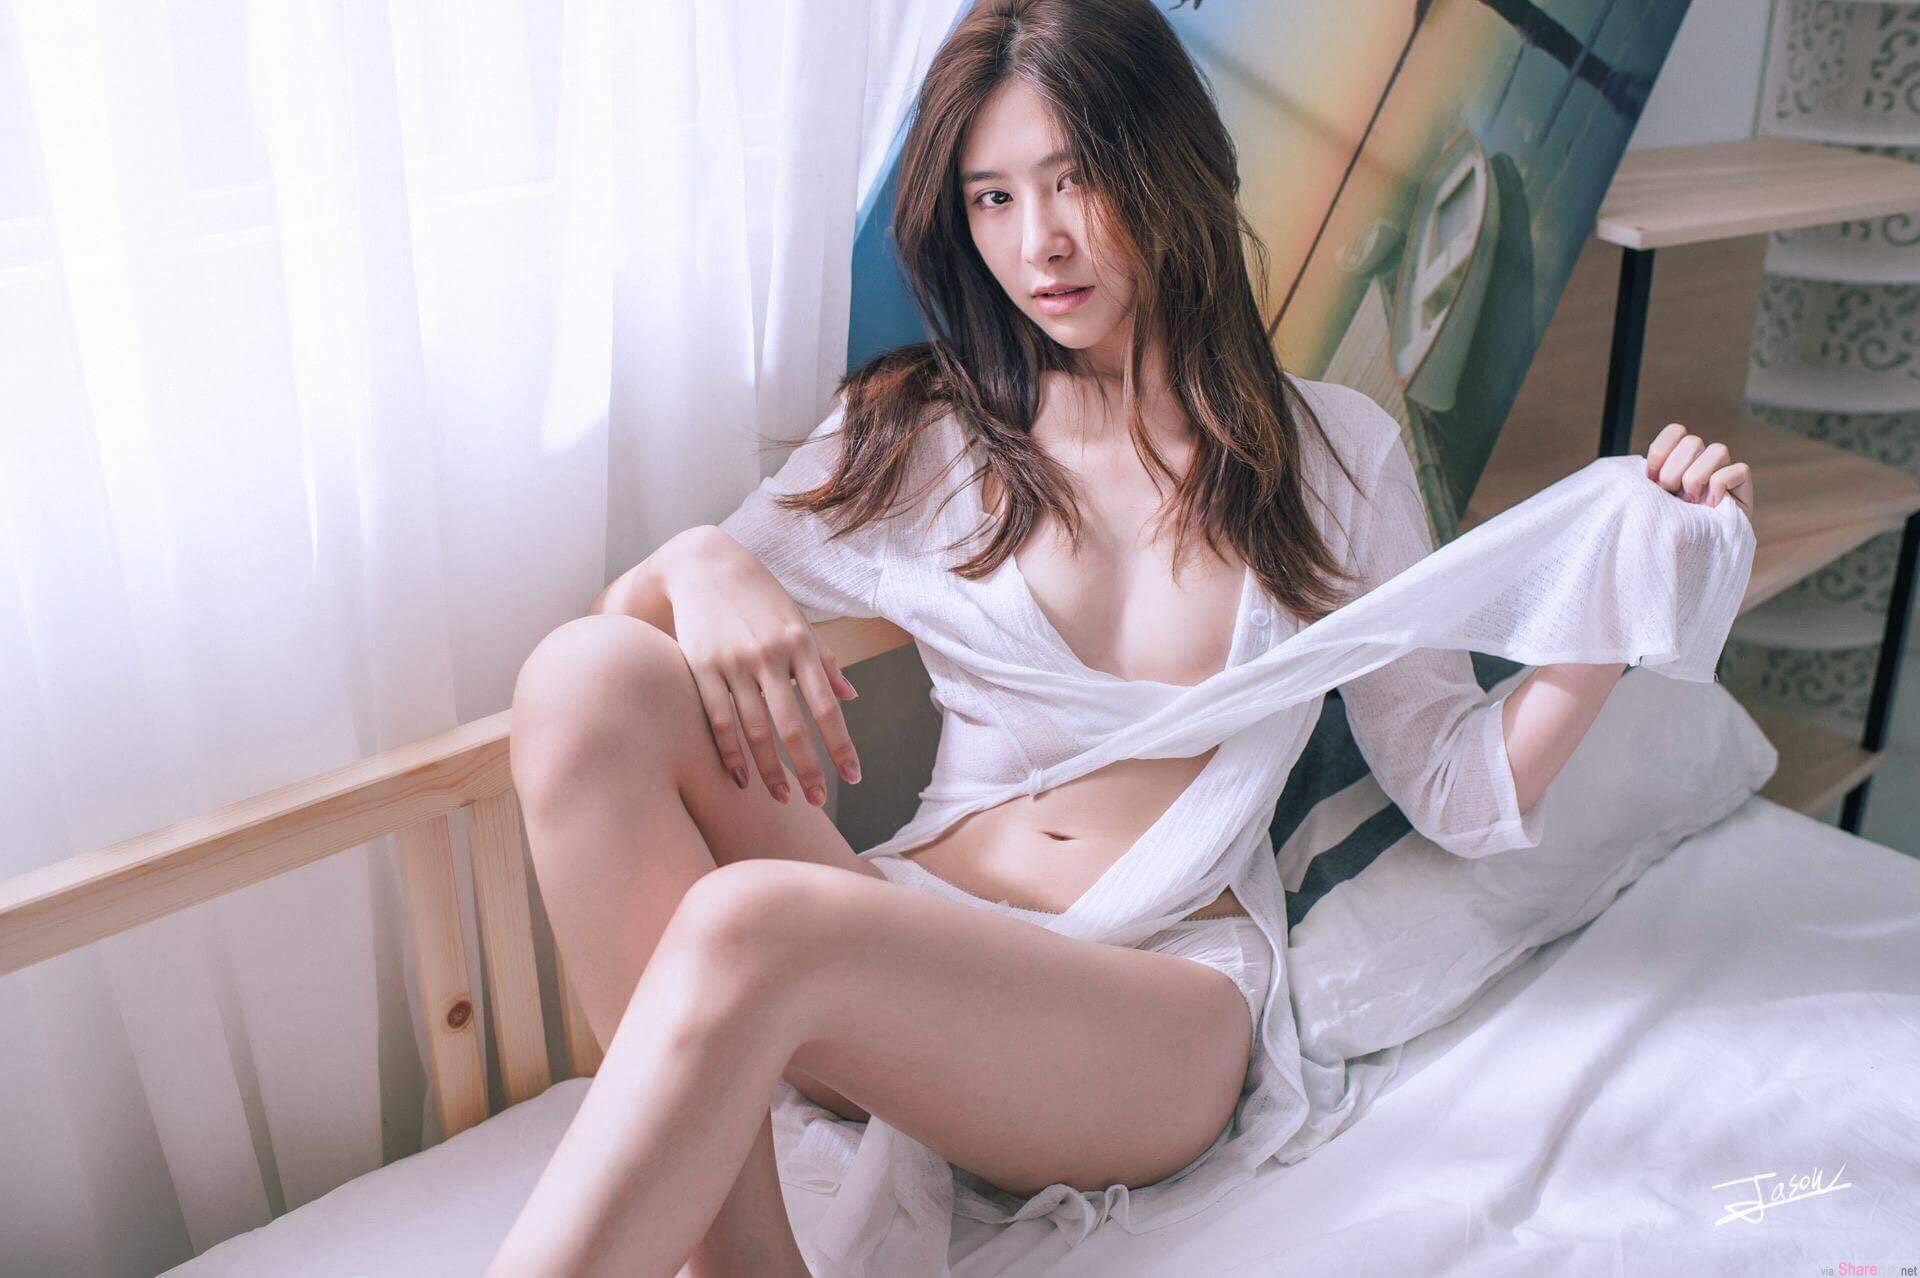 大马正妹蔡安琪尺度升级,性感写真中空上阵展现好身材